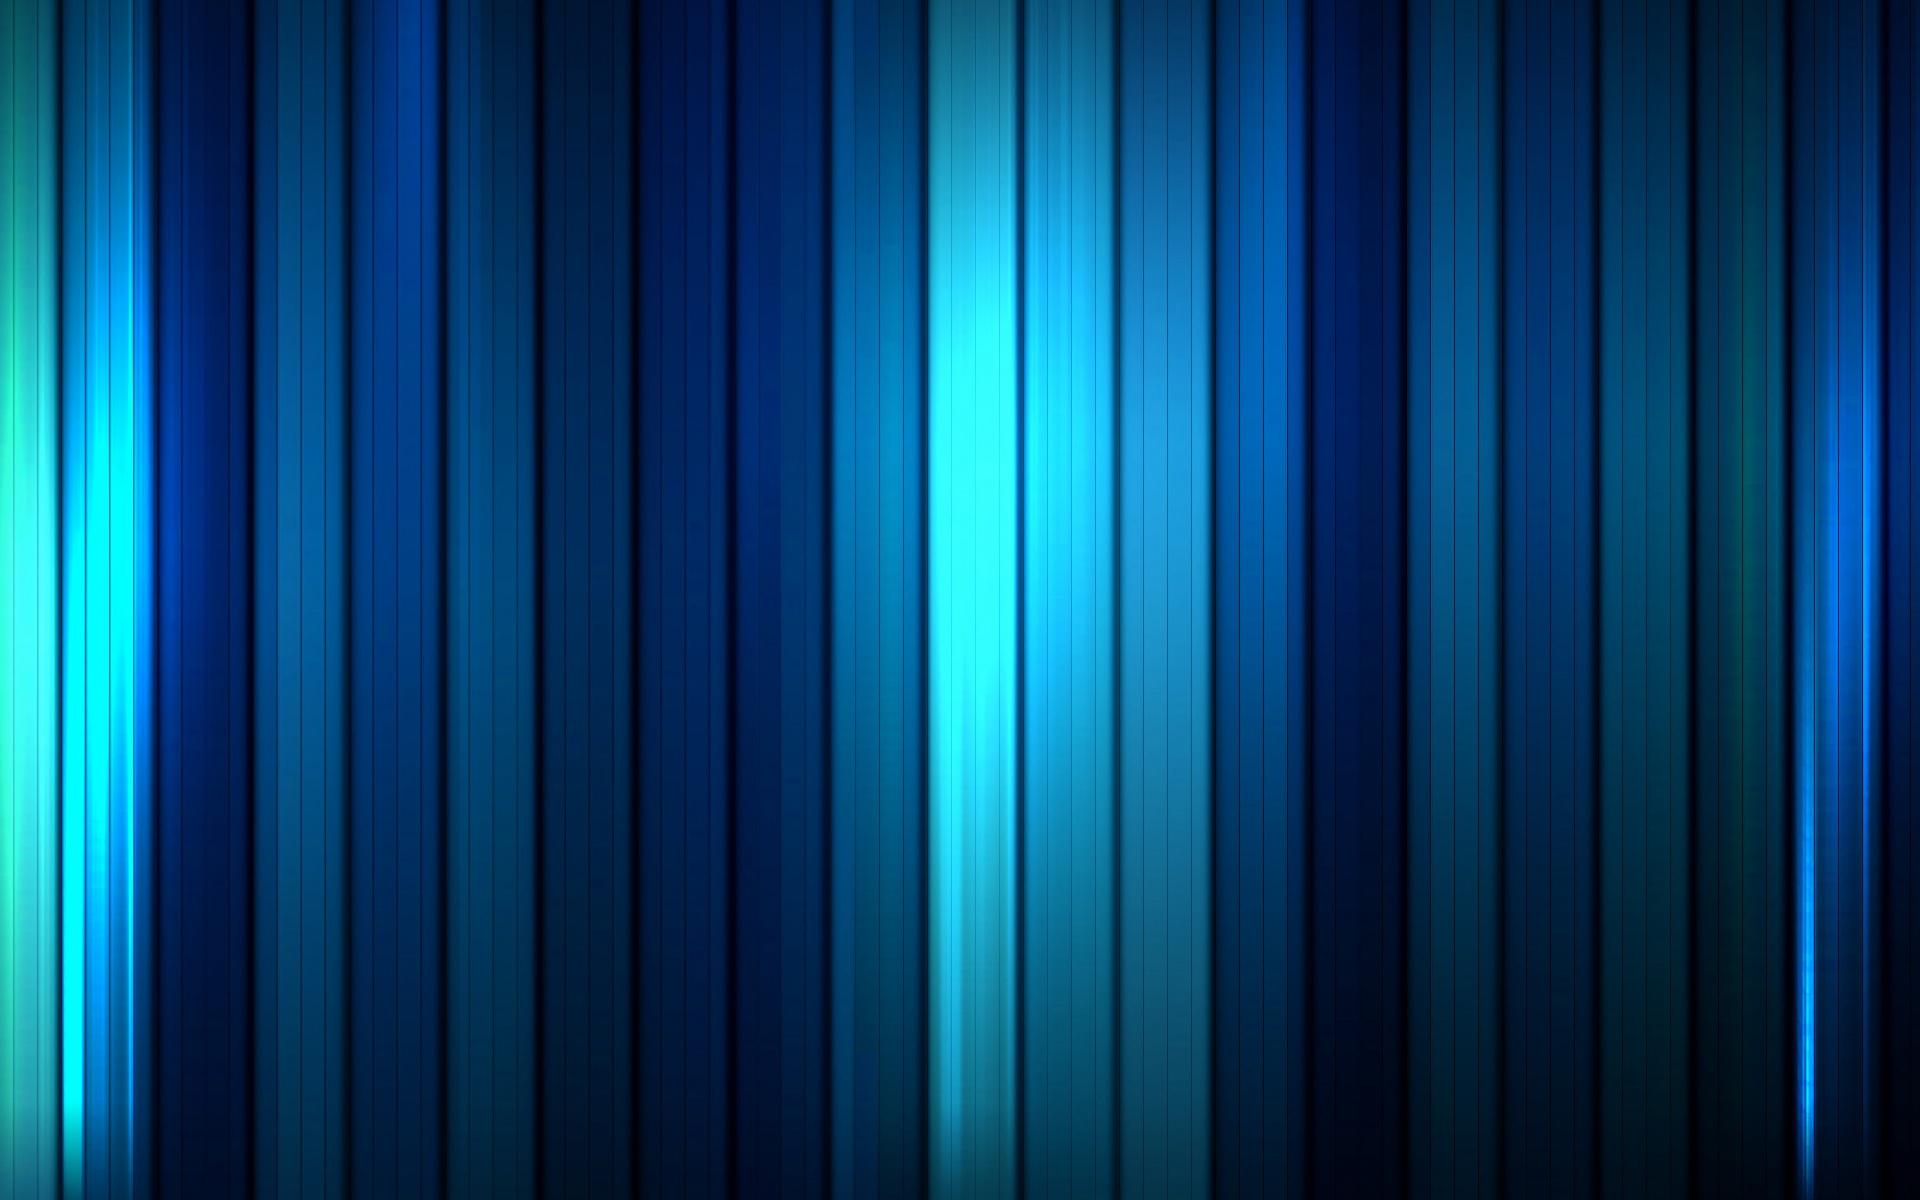 Blue Stripe Wallpaper: Motion Stripes Wallpaper